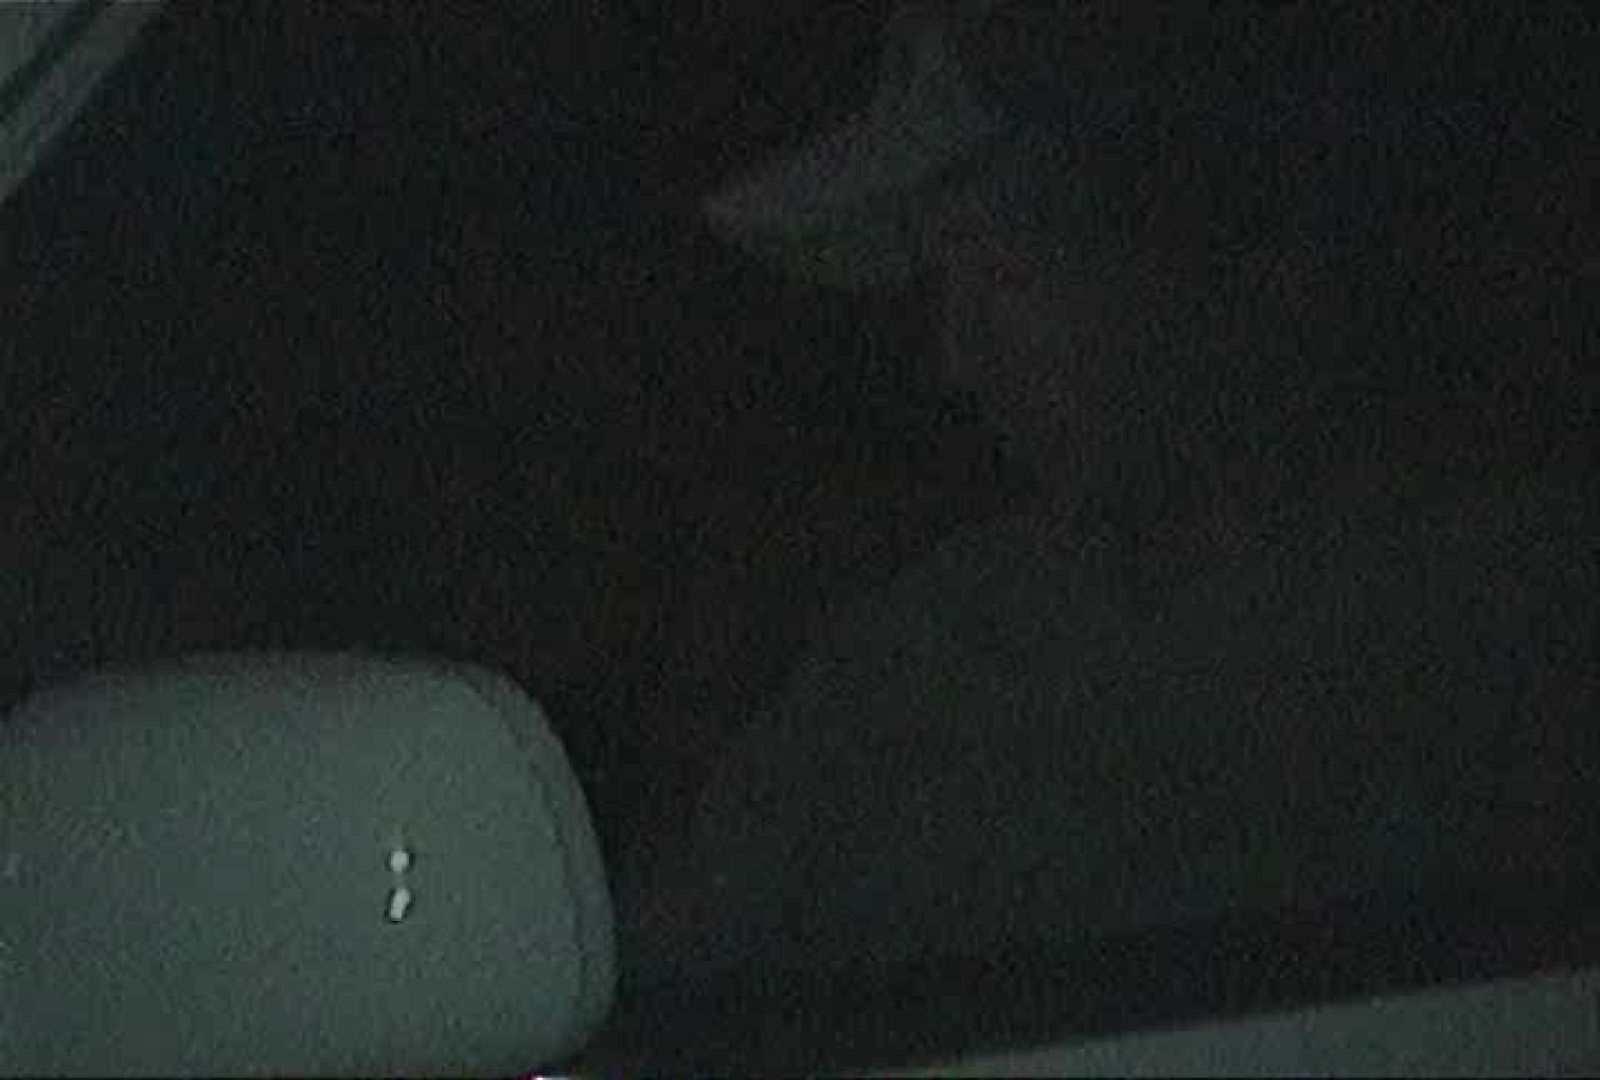 充血監督の深夜の運動会Vol.57 ギャルの実態 のぞき動画画像 73pic 2